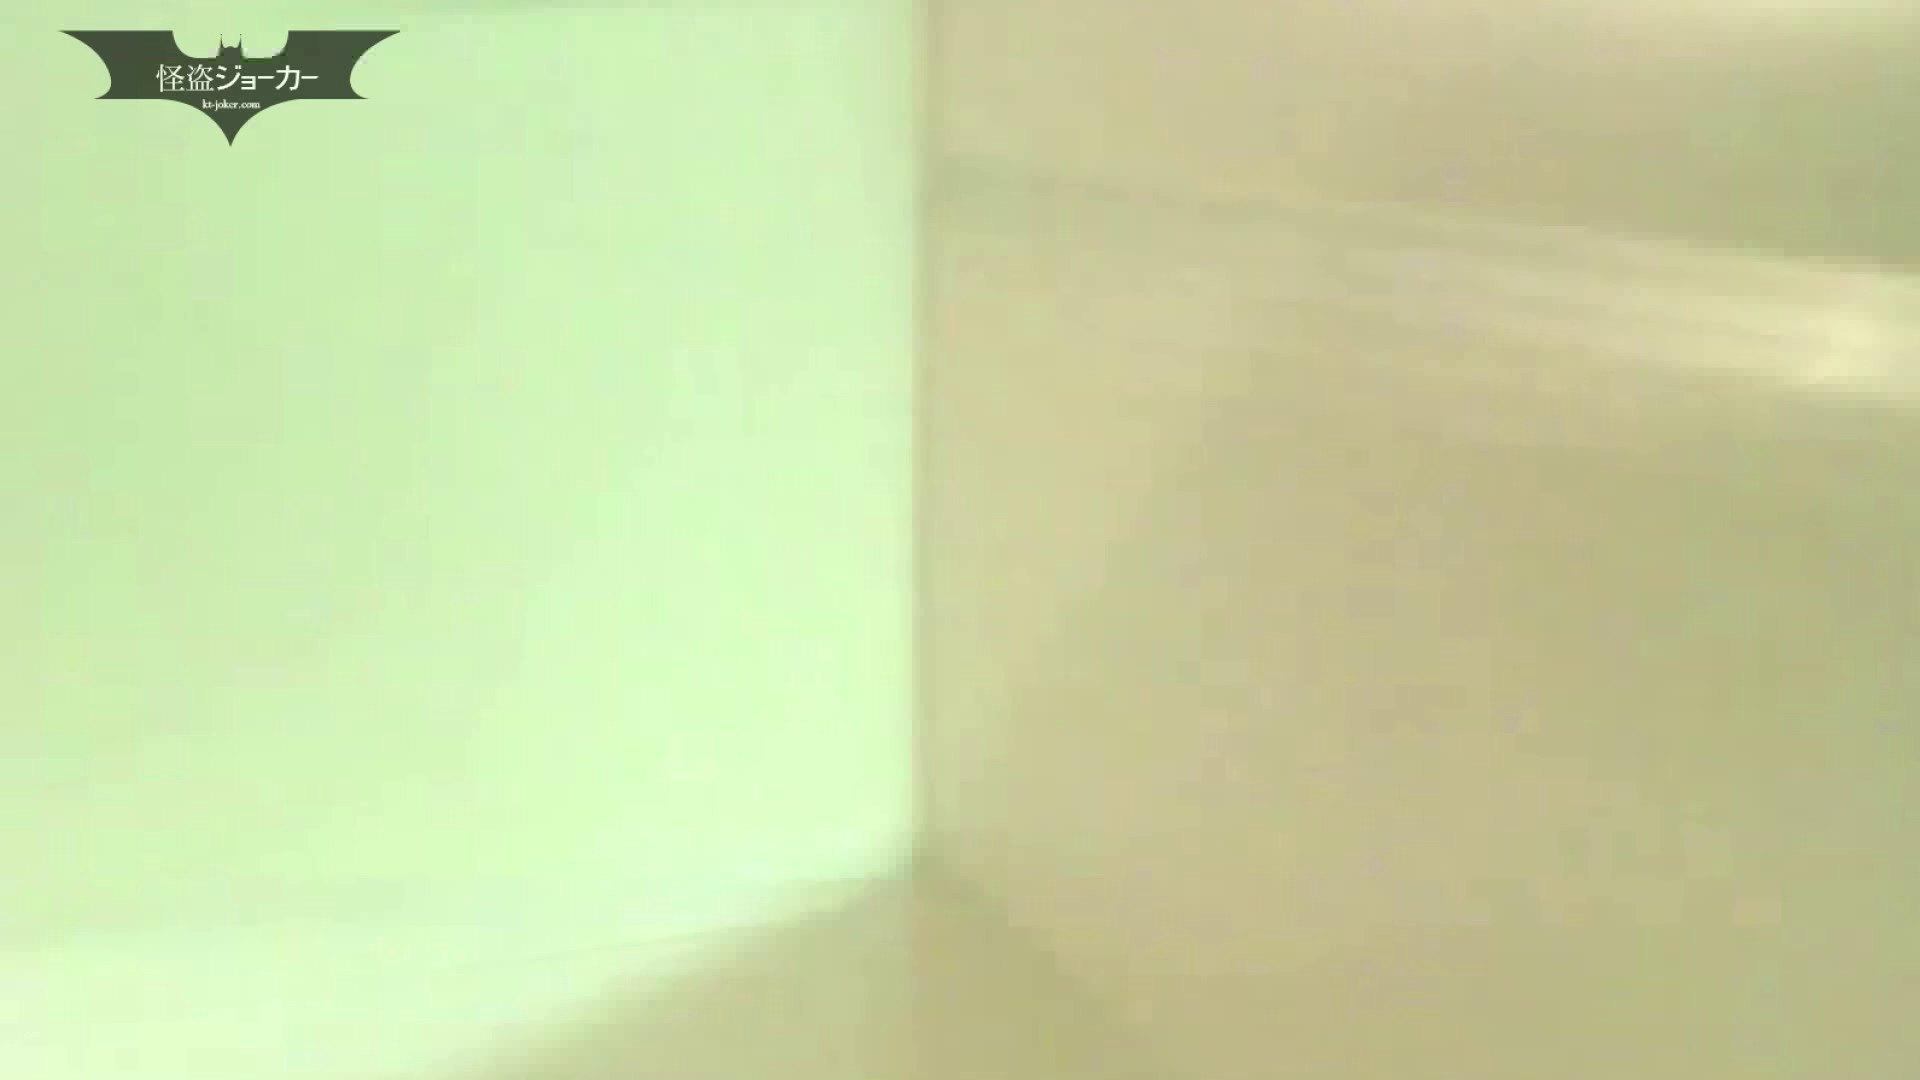 夏の思い出浜辺トイレ盗撮Vol.05 盗撮映像大放出 セックス画像 106連発 51